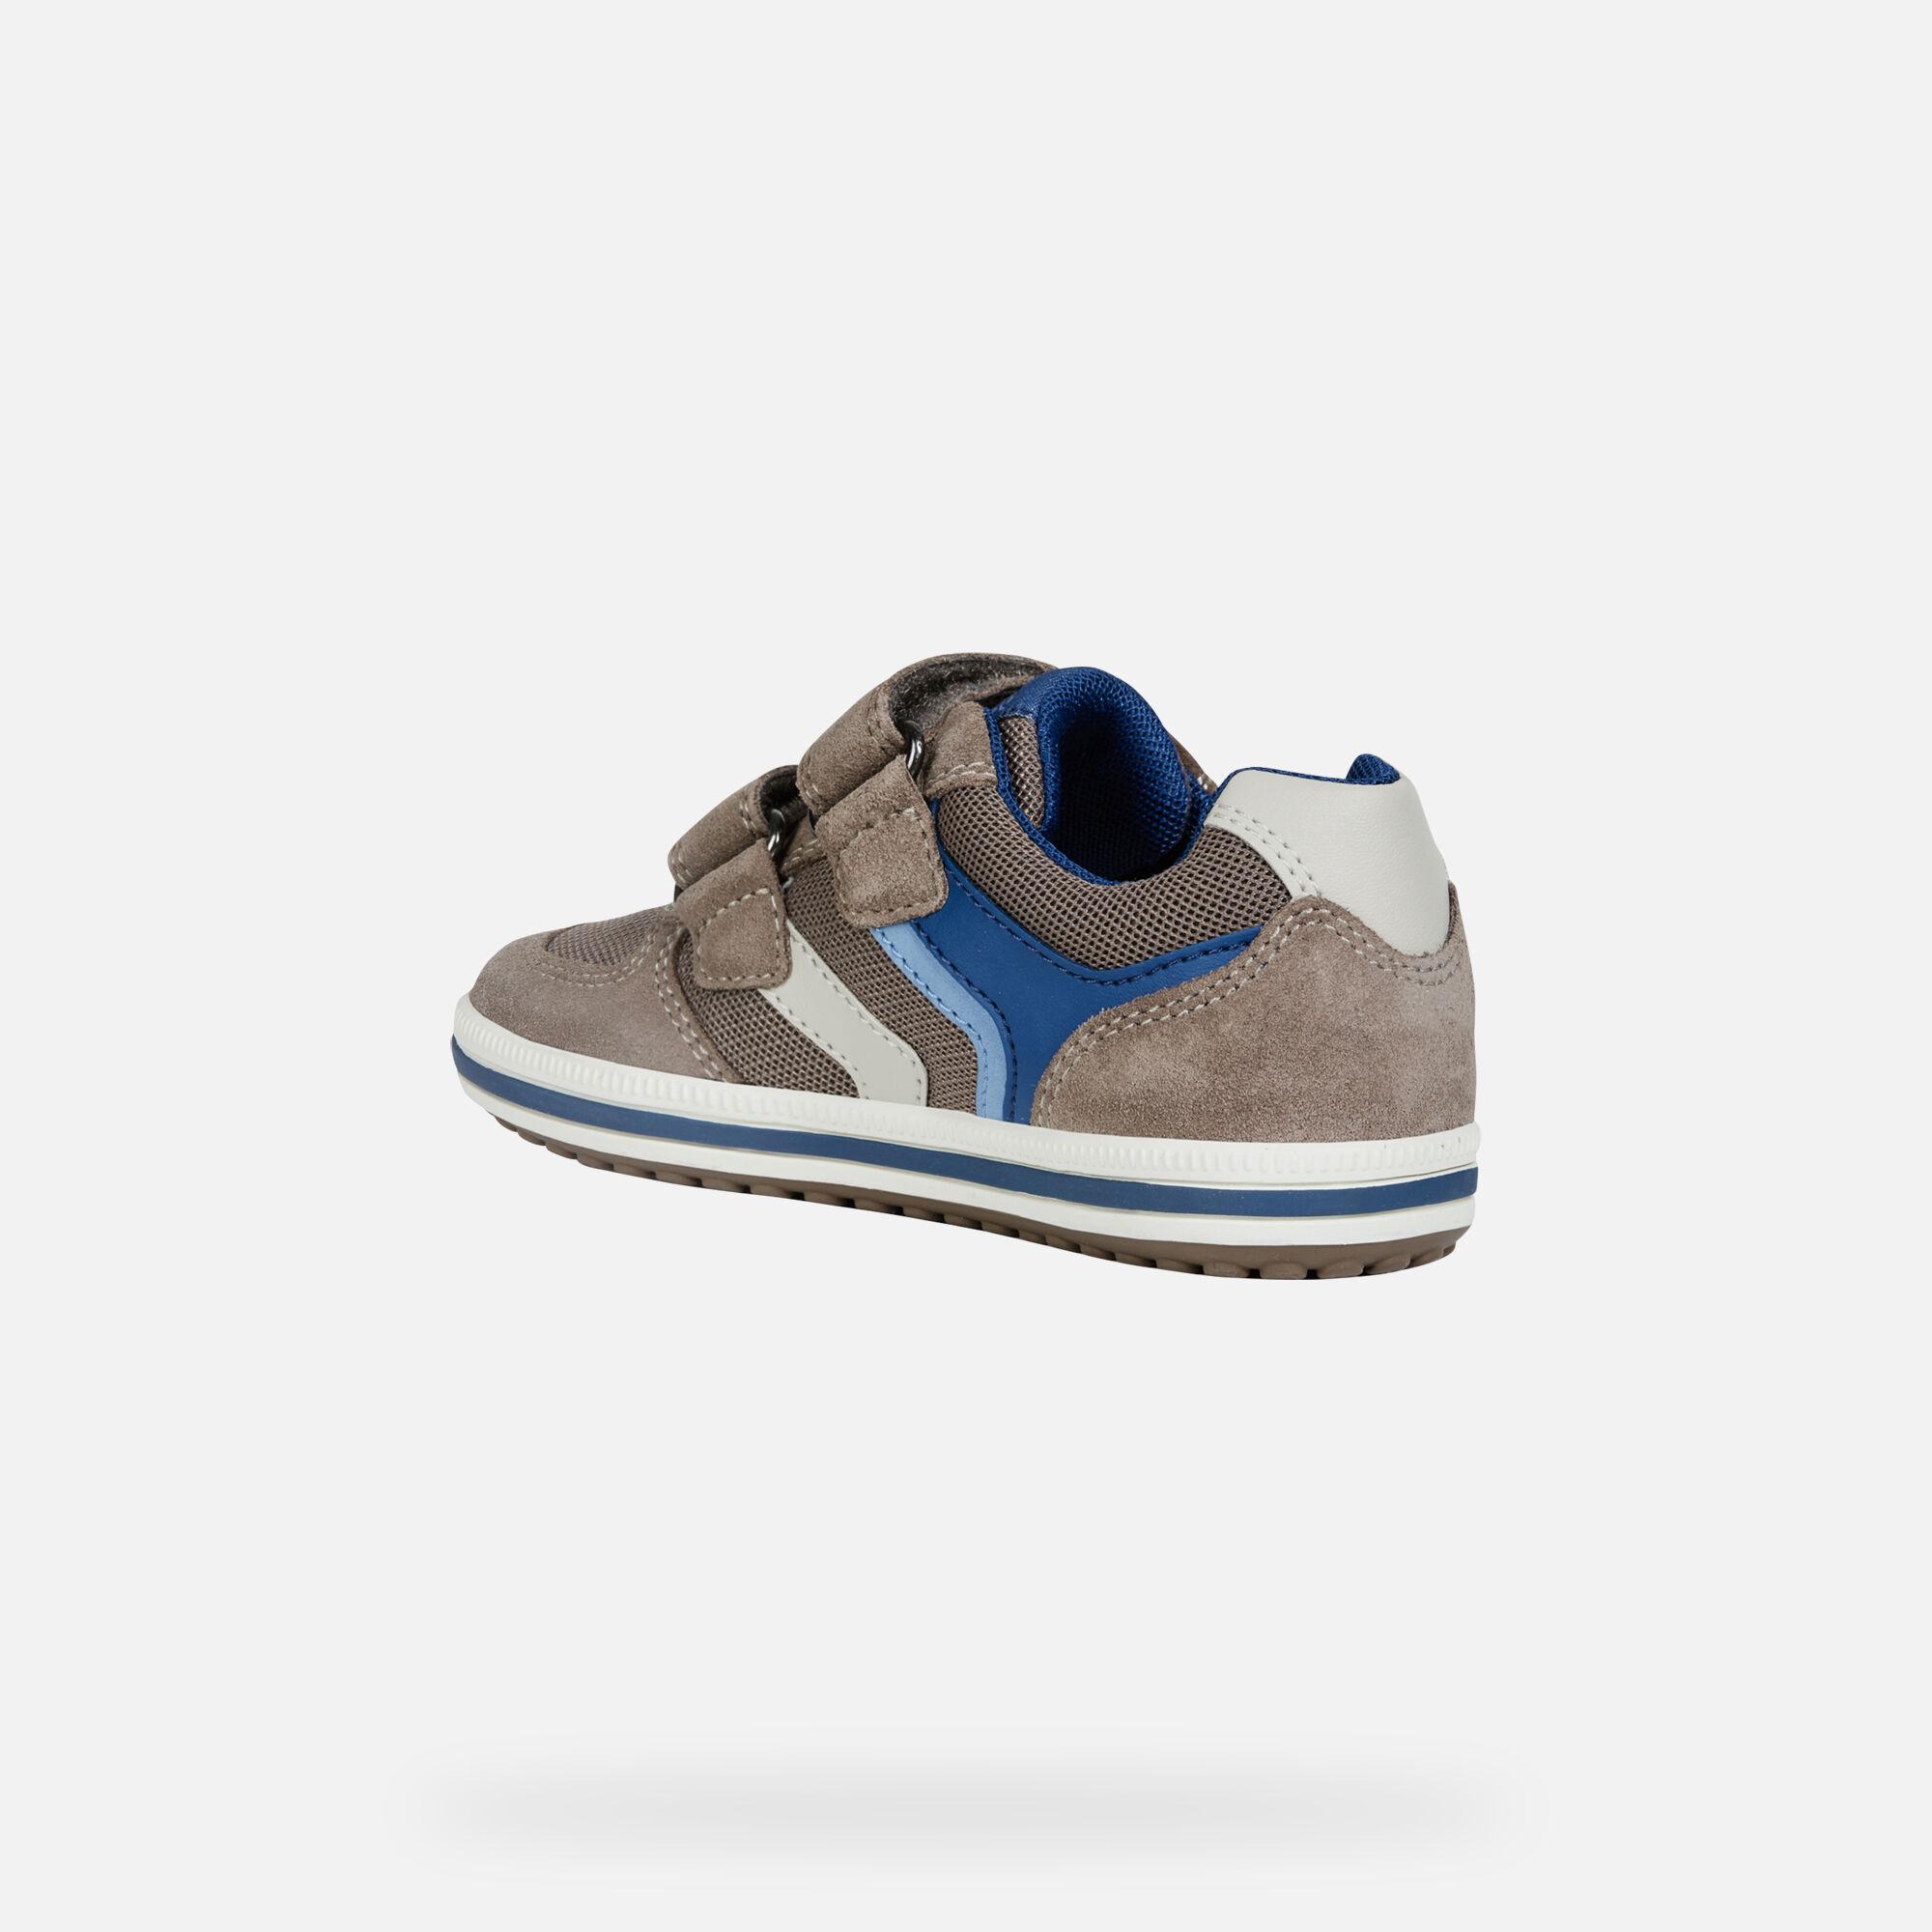 Geox JR VITA: Blue Navy and Red Junior Boy Sneakers | Geox